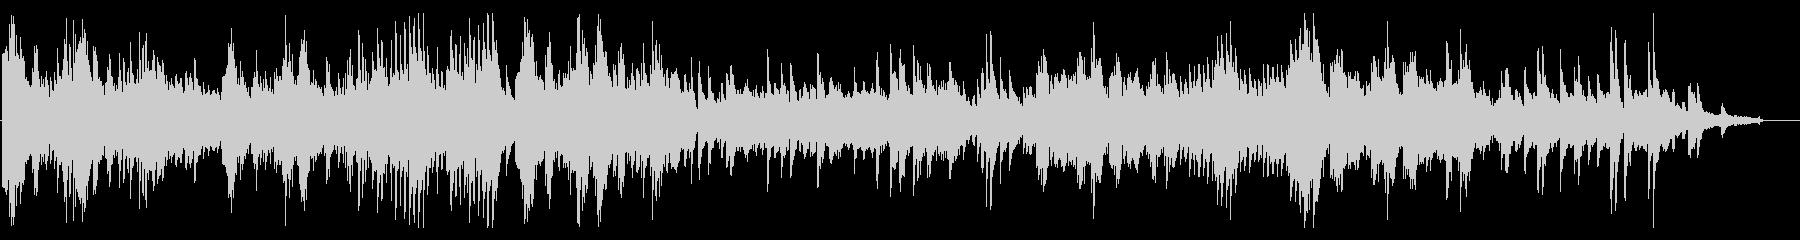 秋を表現したピアノ曲の未再生の波形